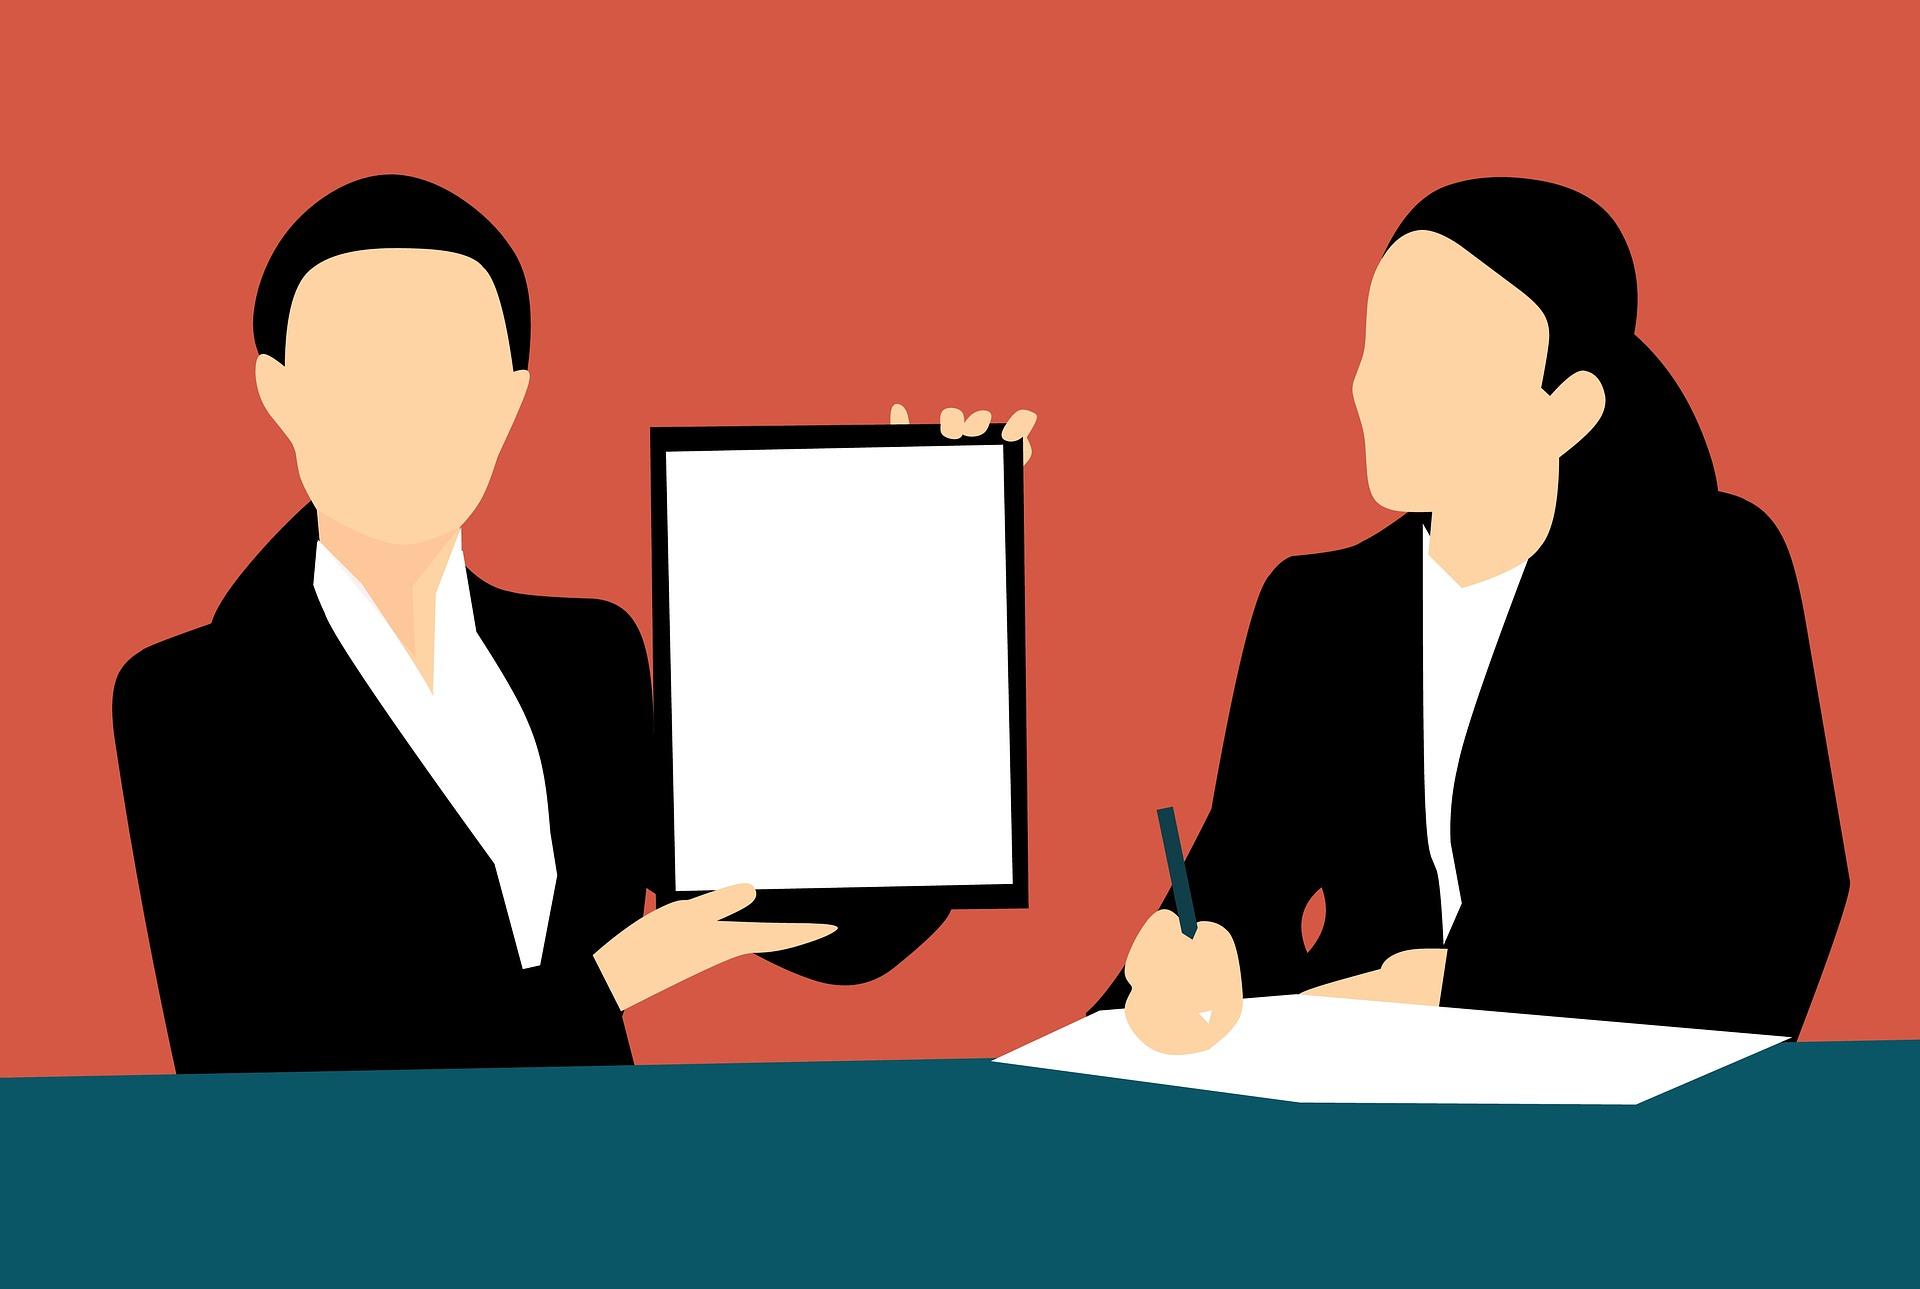 Overleg tussen sociaal advocaten en juridisch loket helpt rechtzoekende - Mr. online